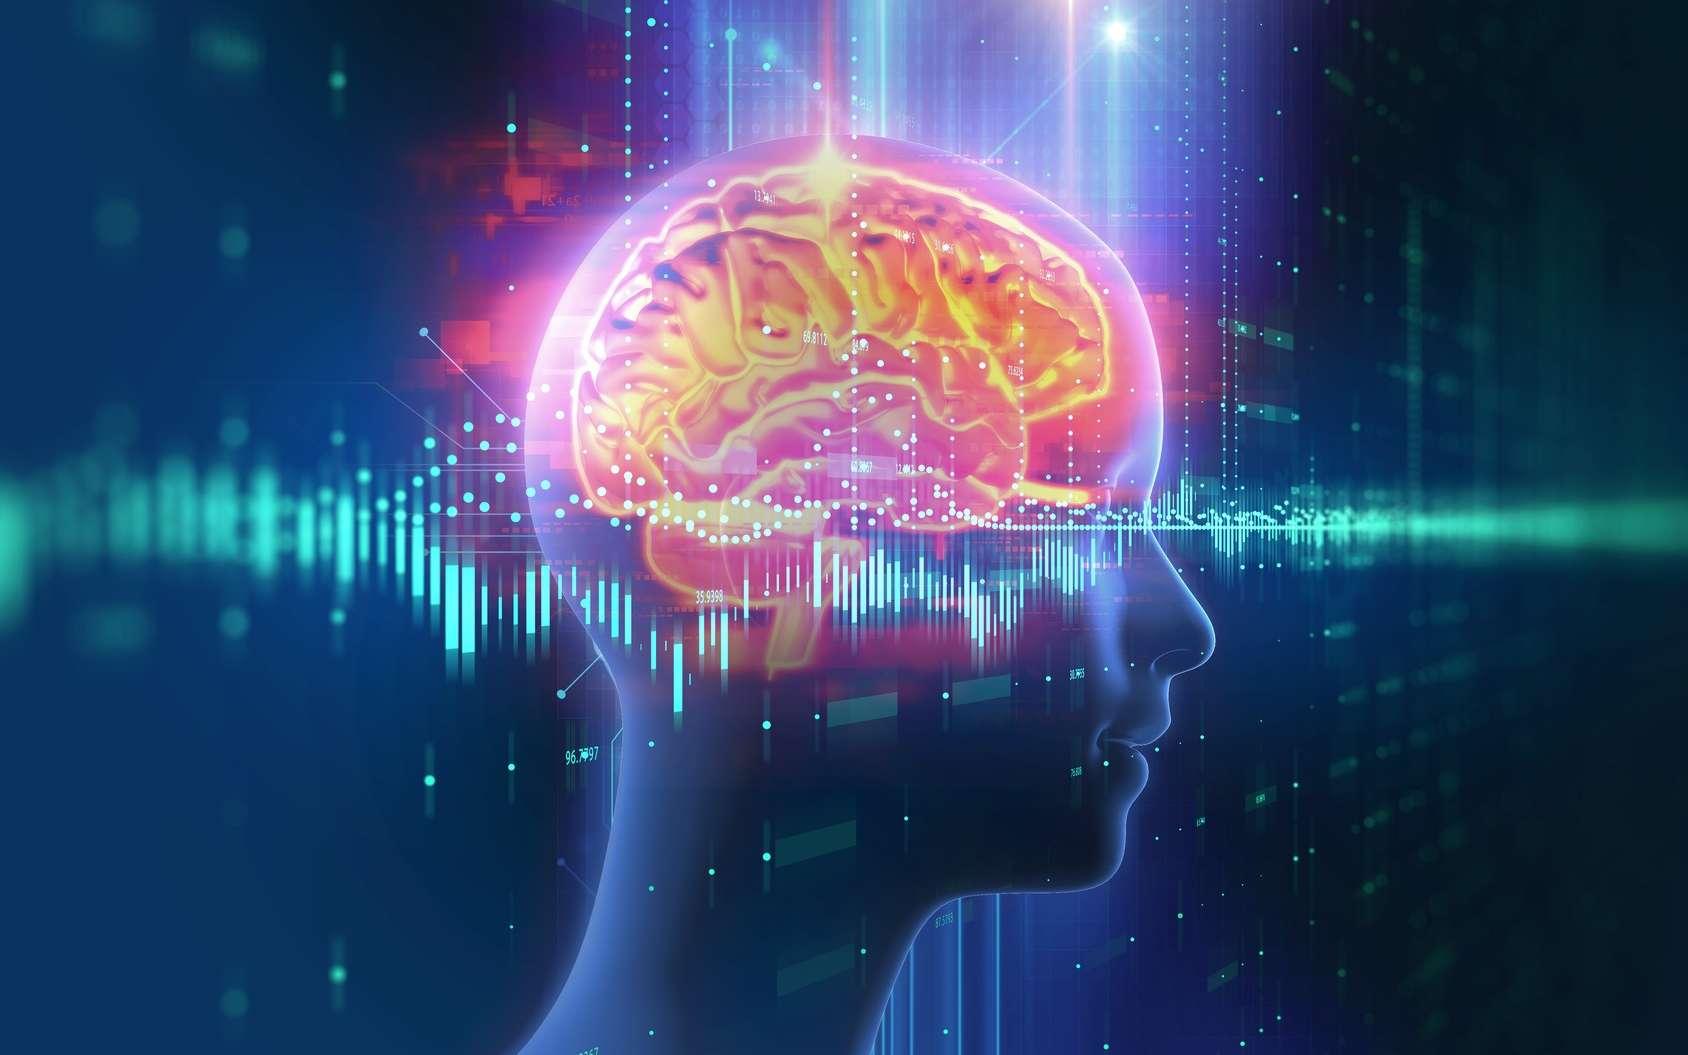 La stimulation transcrânienne améliore la mémoire dite de travail. © monsitj, Fotolia